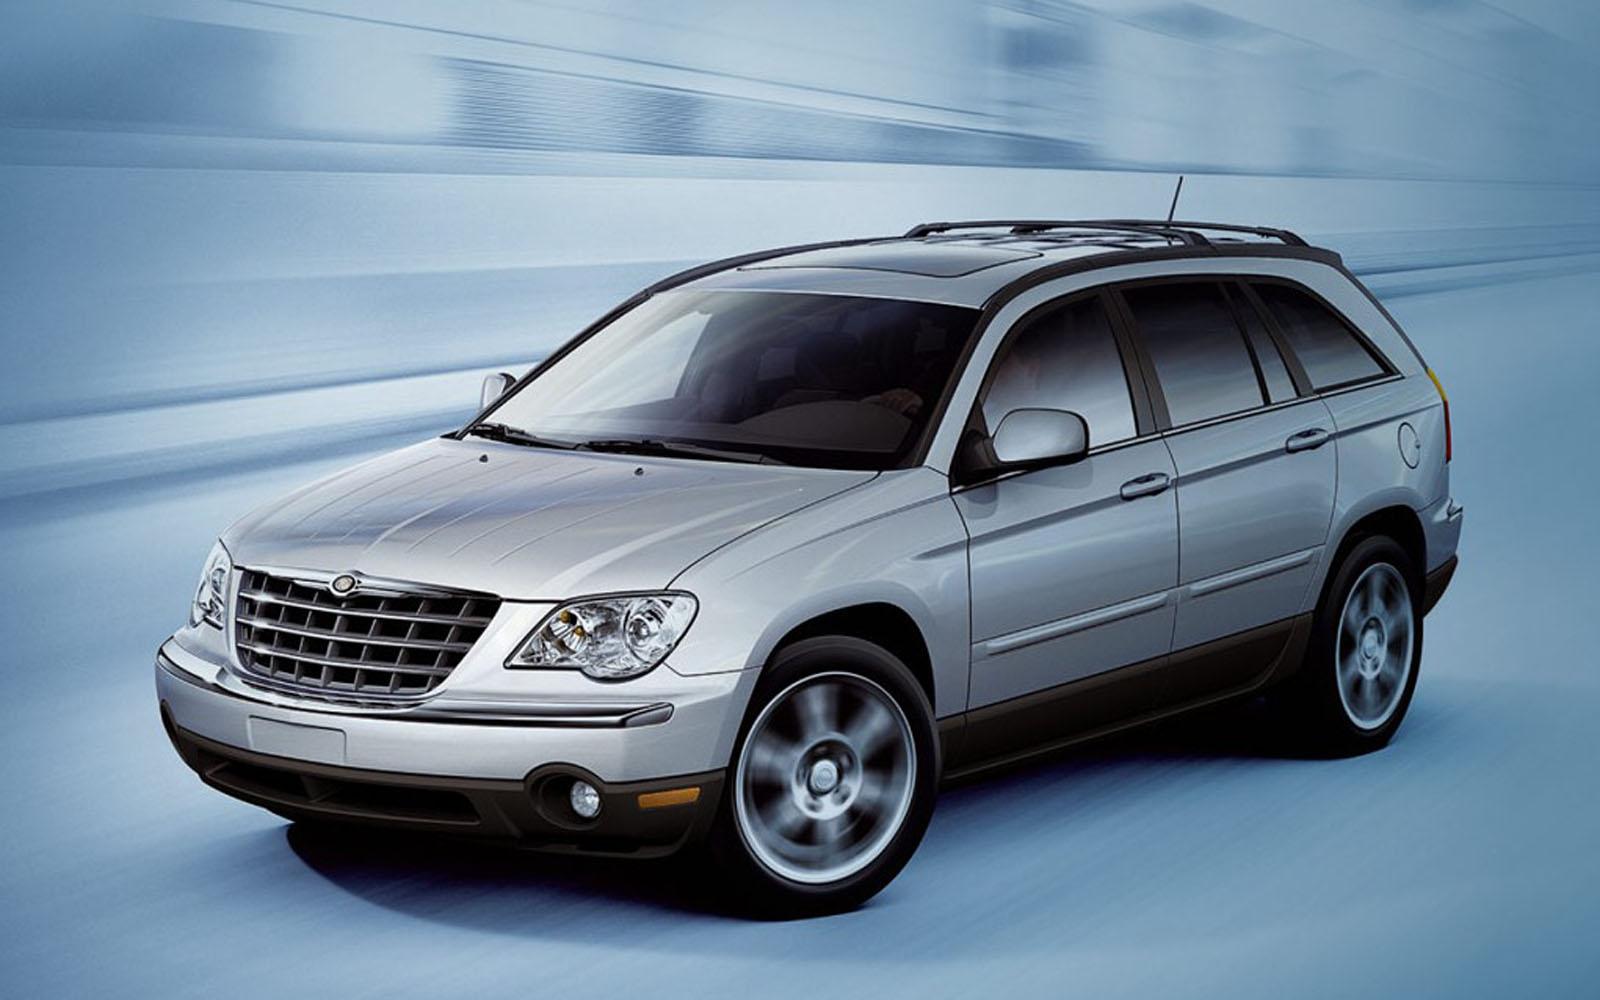 Chrysler Wallpaper - WallpaperSafari